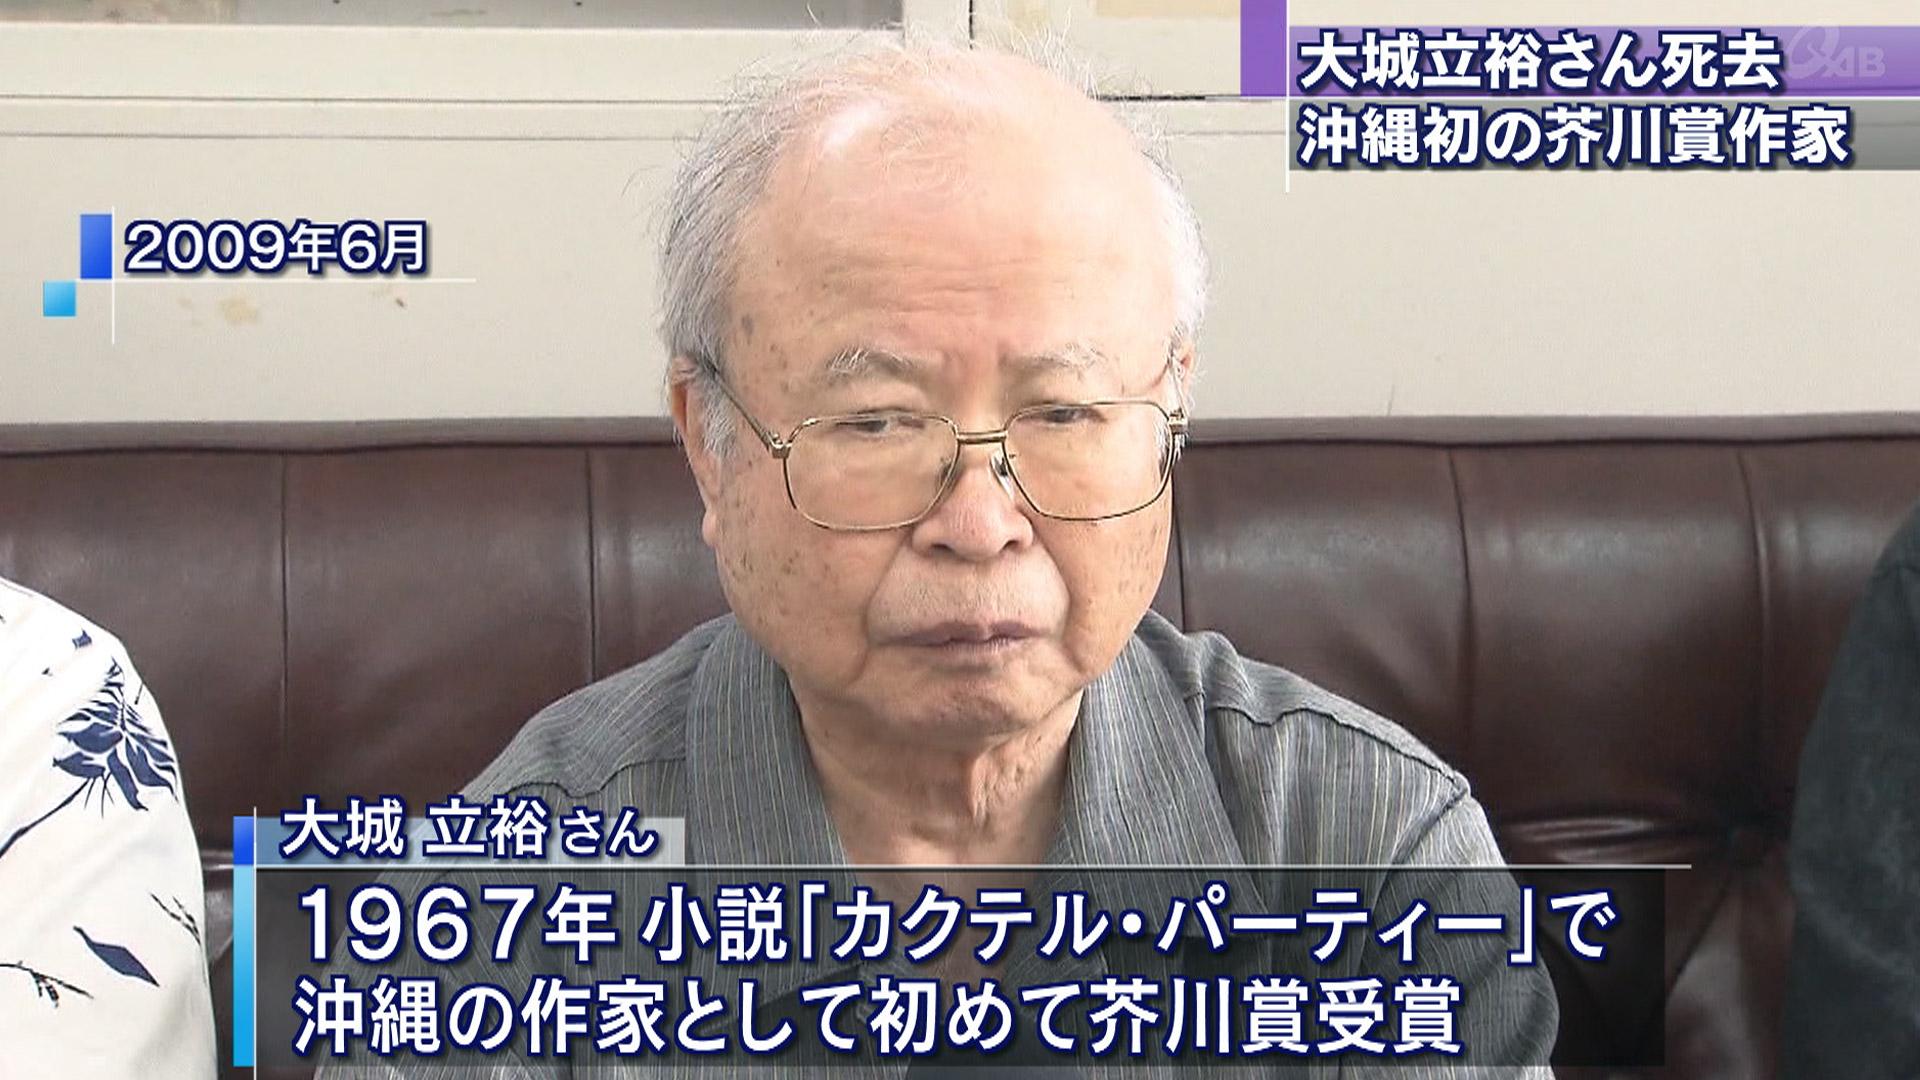 作家 大城立裕さん死去 95歳